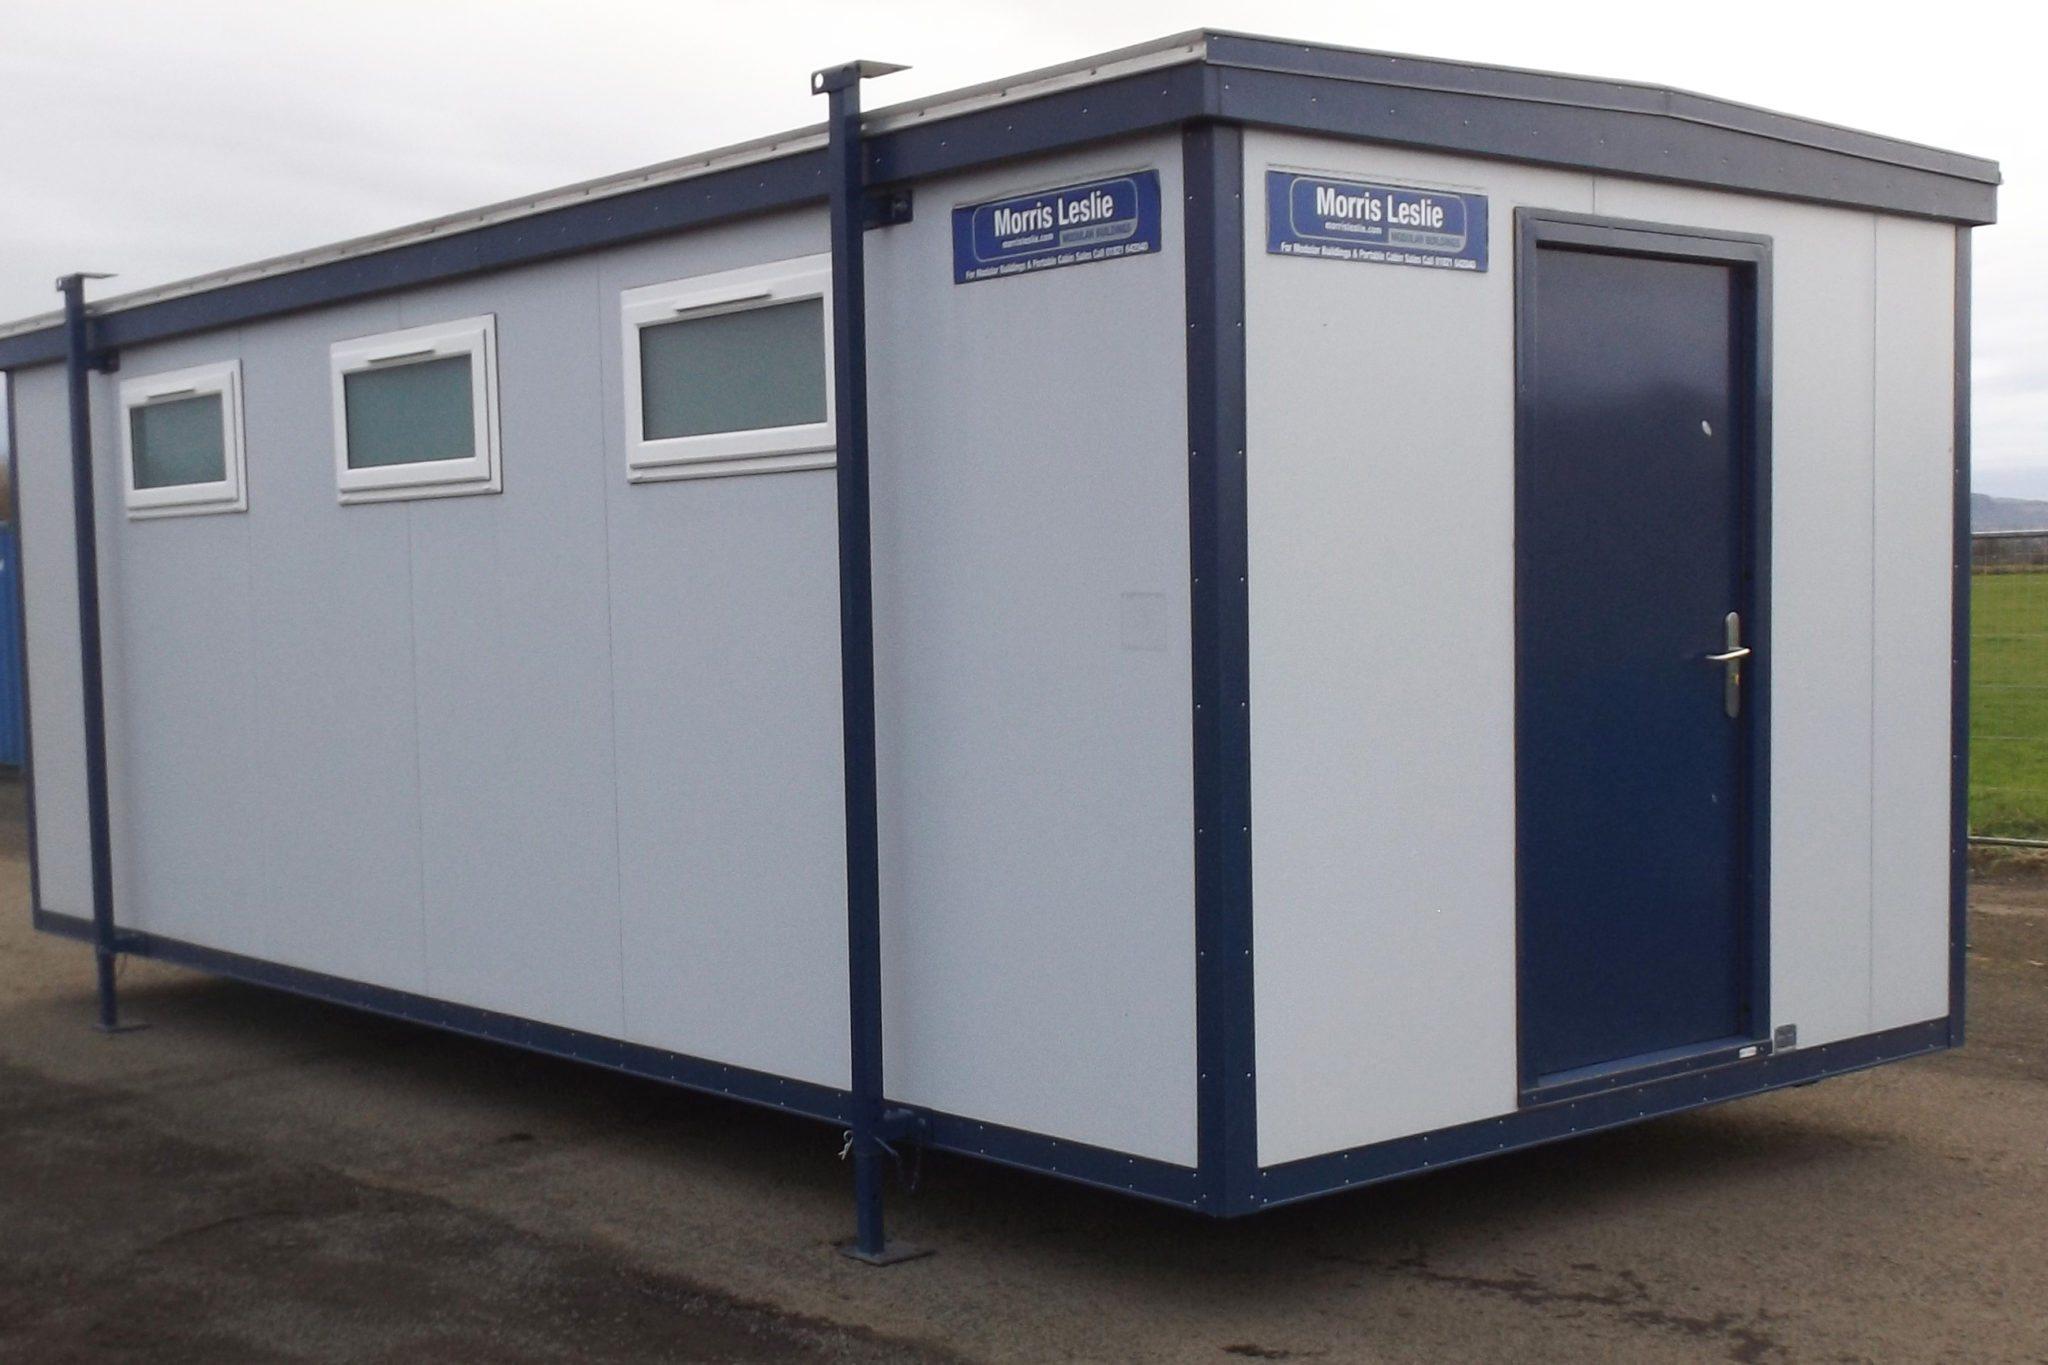 24 x 10ft Plastisol Drying Room - Morris Leslie - Modular Buildings